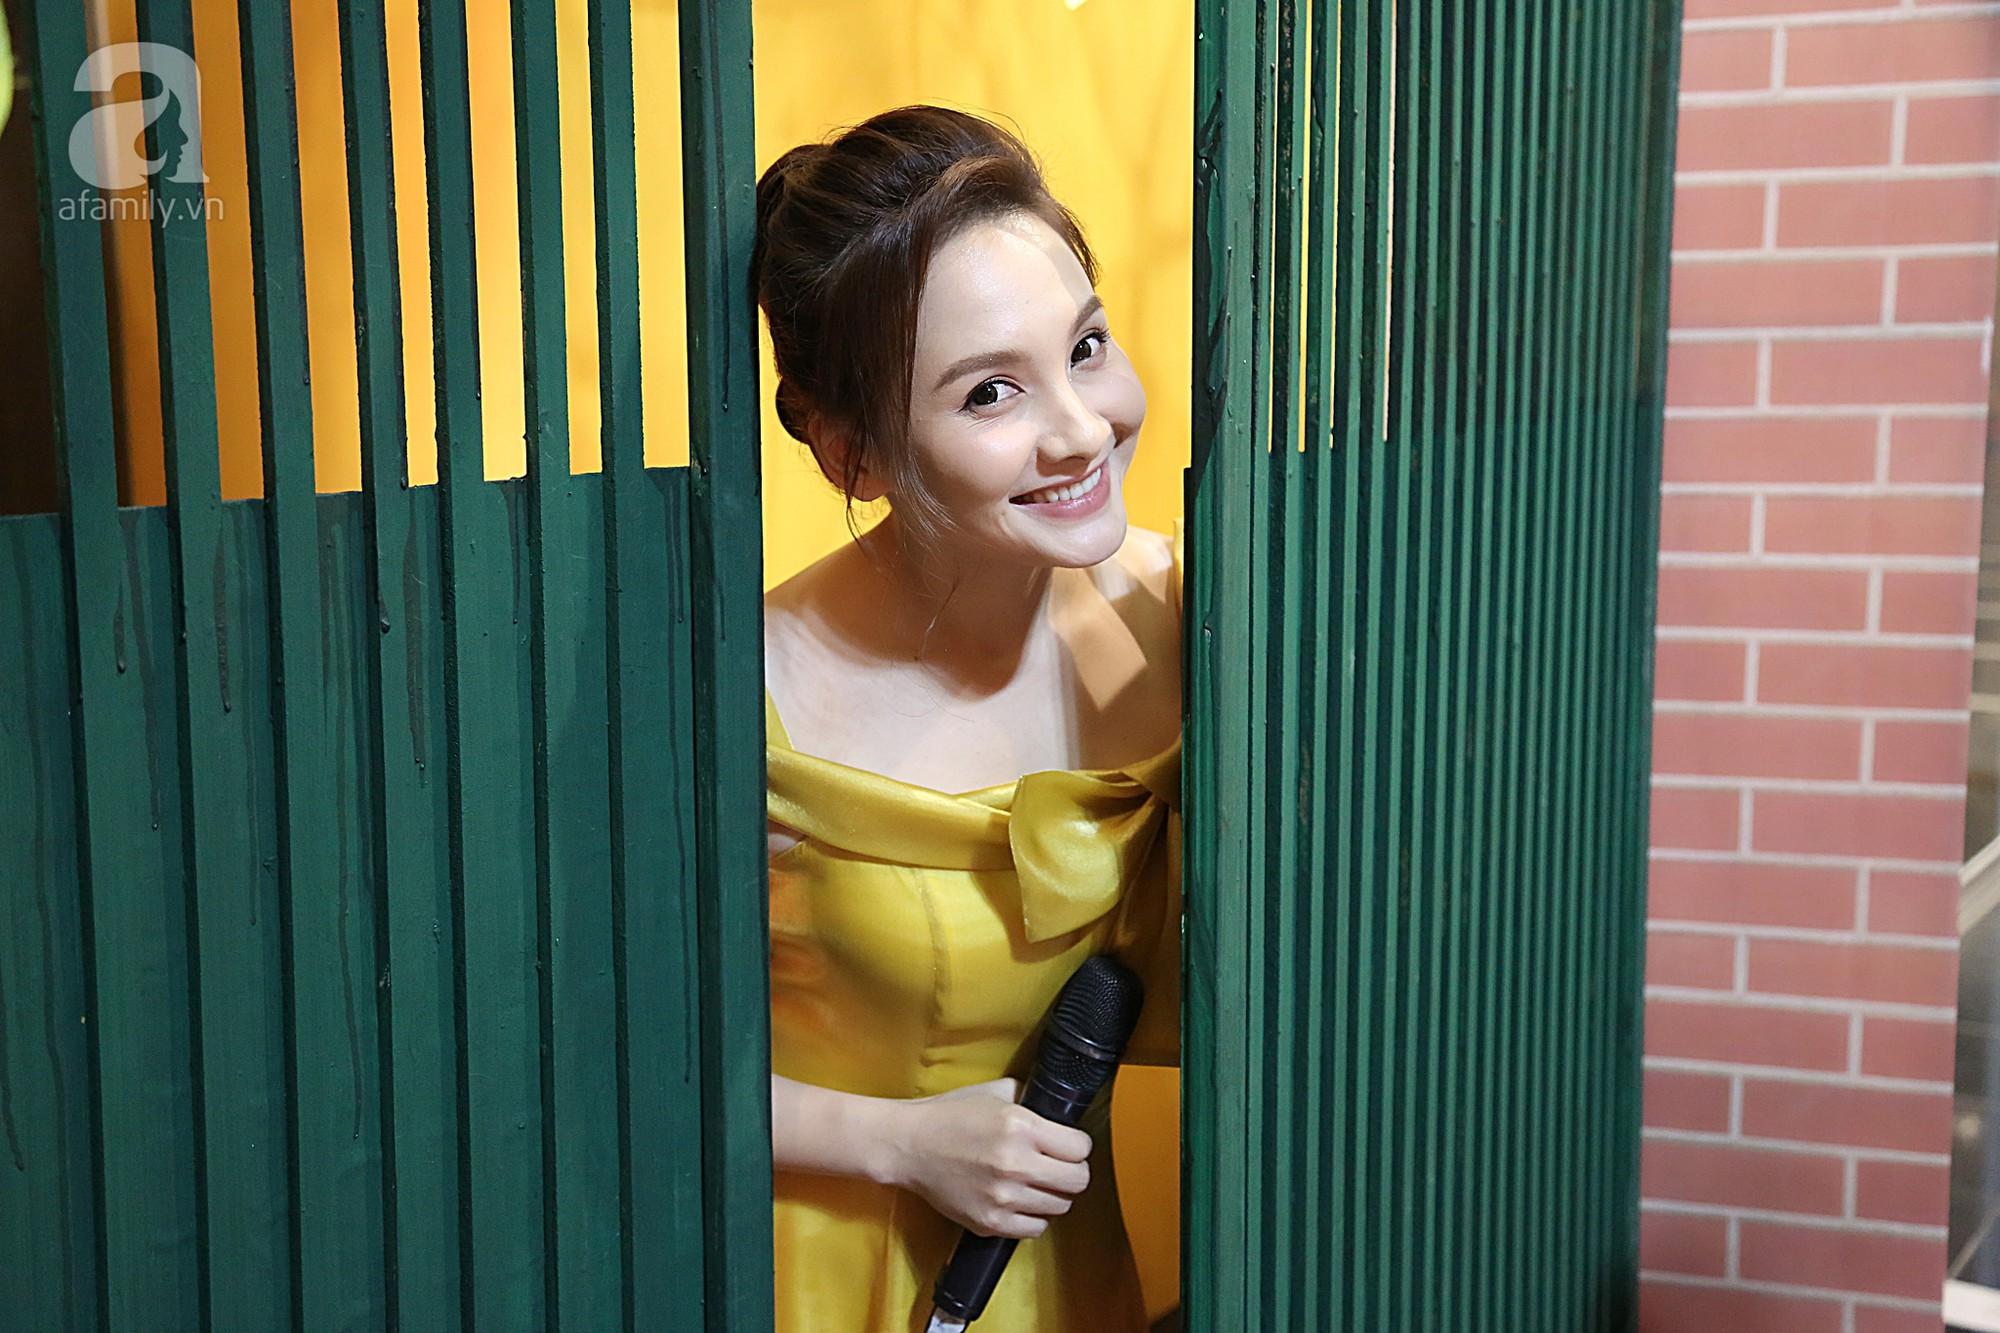 Chắc không khó để fan ruột của bộ phim nhận ra chiếc cổng xanh 'huyền thoại' nhà ông Sơn cũng được tái hiện trên sân khấu VTV Awards.